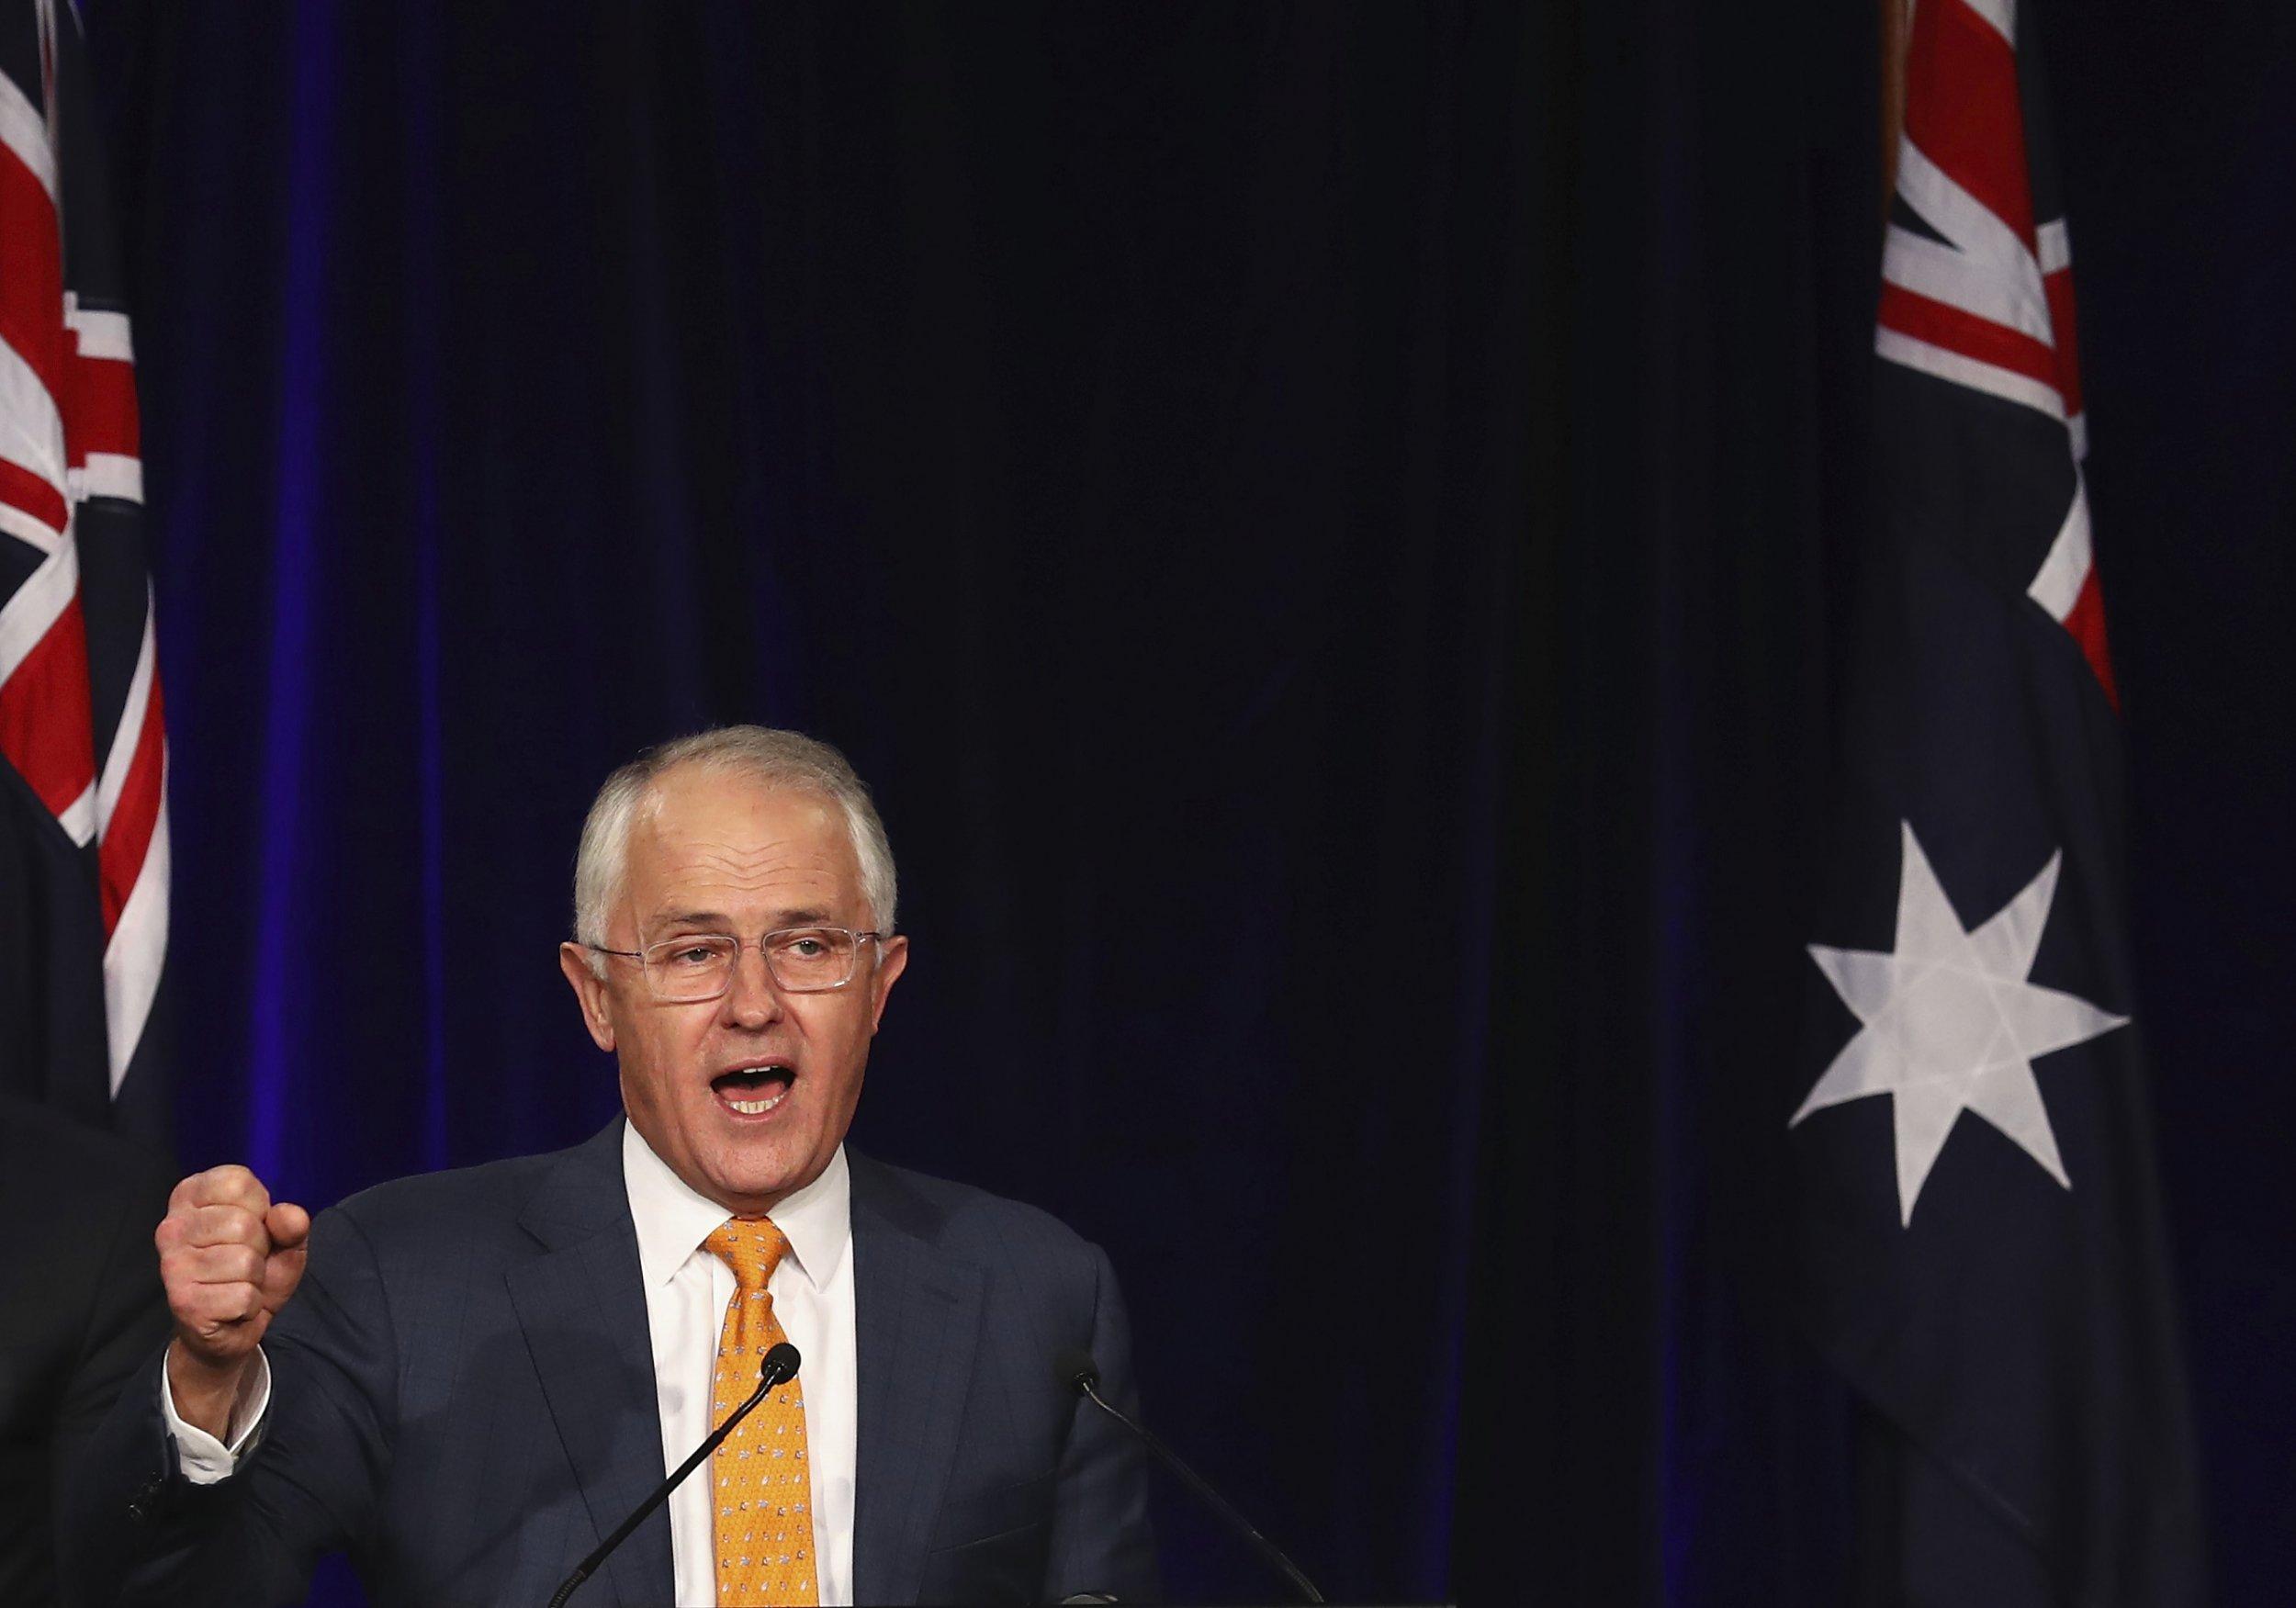 Australia PM Malcom Turnbull